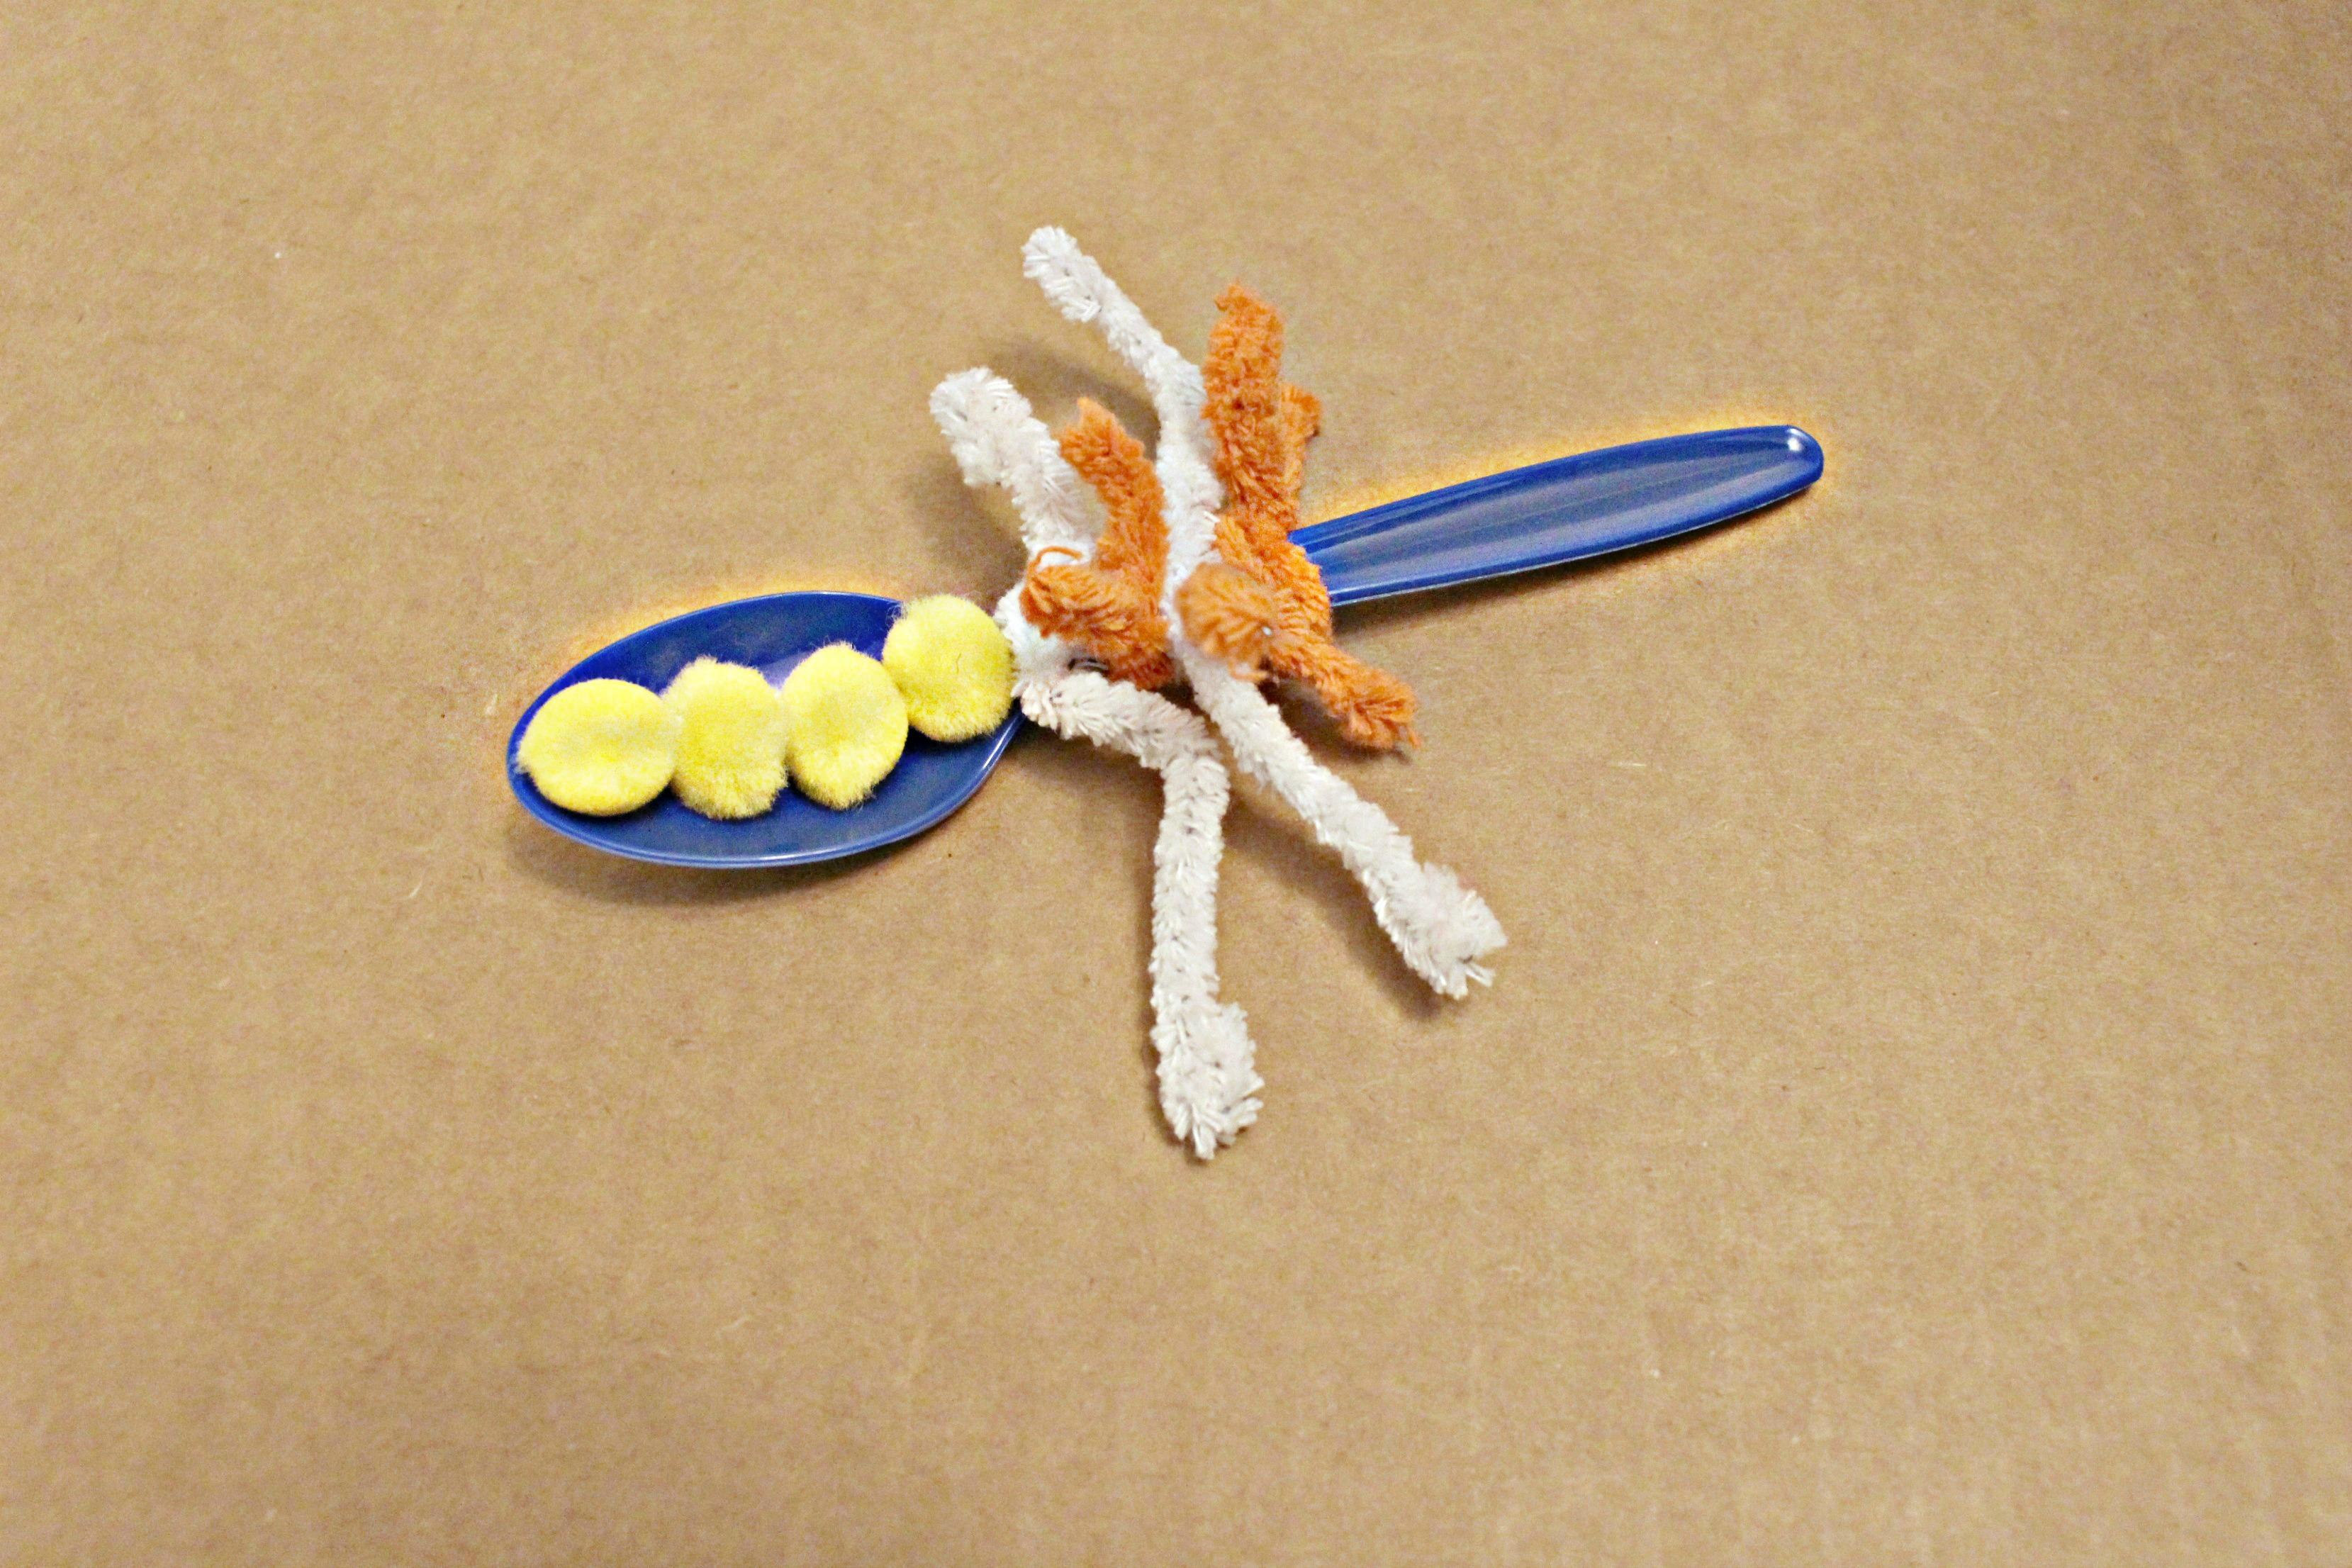 DIY Spoon Cat Toy Step 2 _ 3